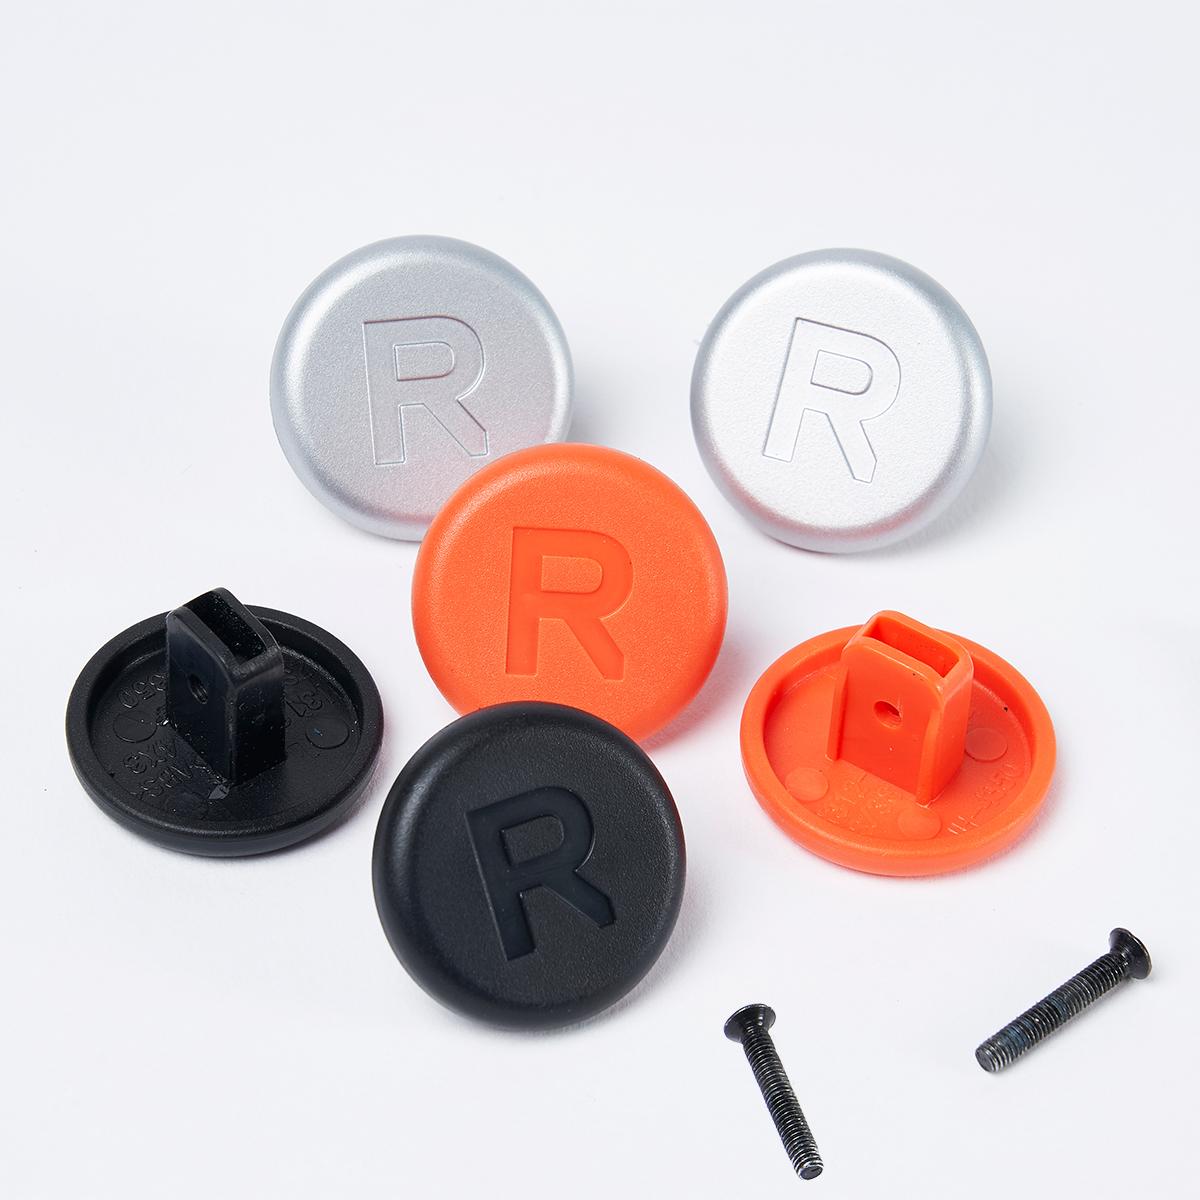 何度でも、自分で付替えできる。愛用スーツケースを好きな配色にカスタマイズ!TTハンドルの横顔を気分に合わせて付替えできる「ハンドル用キャップ」|RAWROW